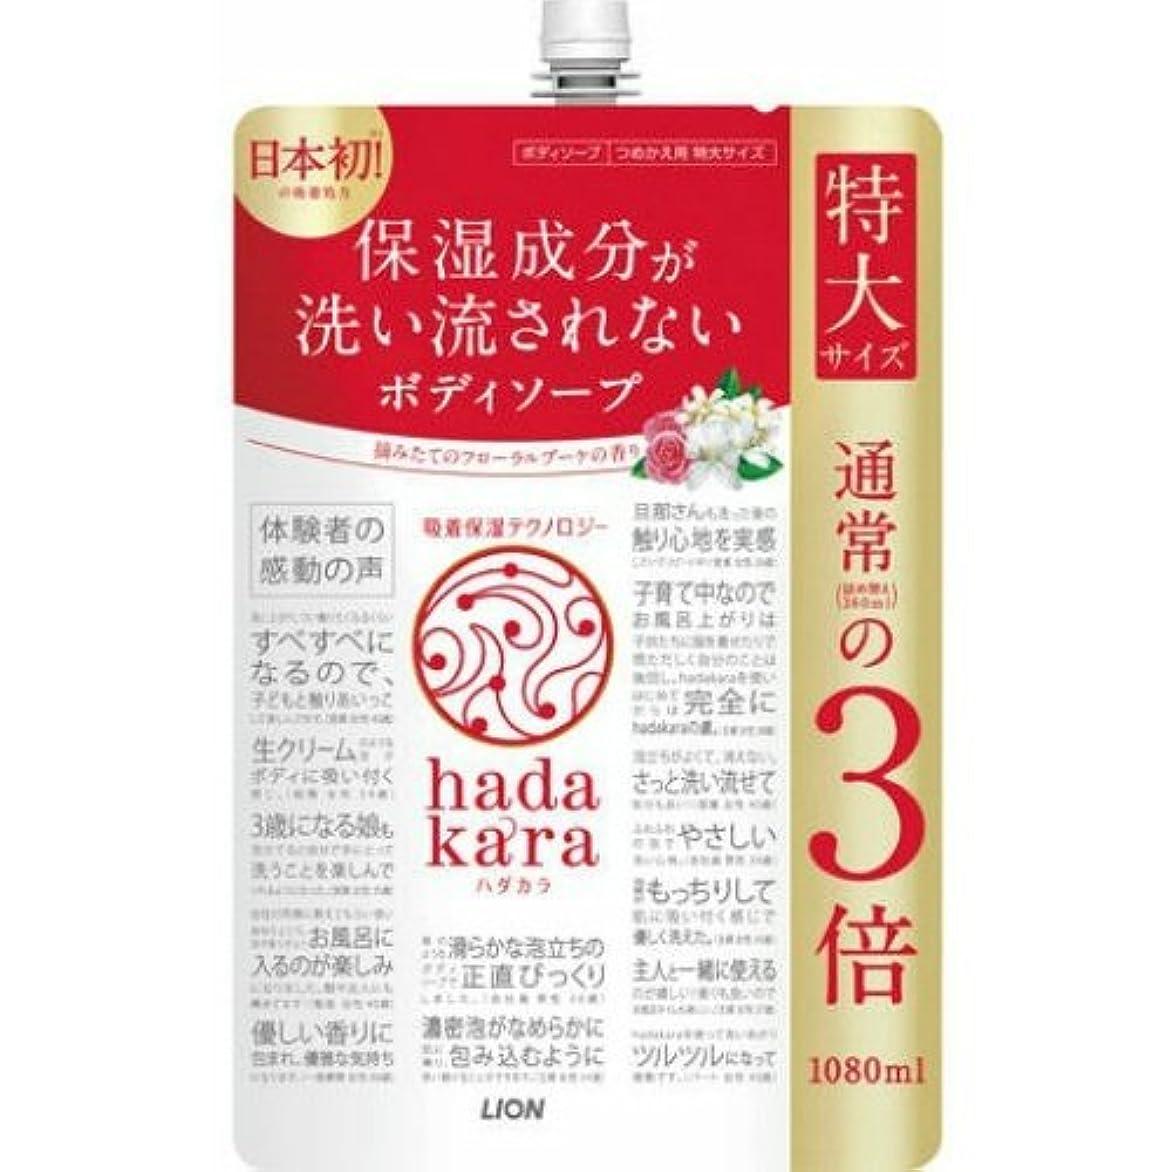 忠実タイマー才能のあるLION ライオン hadakara ハダカラ ボディソープ フローラルブーケの香り つめかえ用 特大サイズ 1080ml ×3点セット(4903301260875)